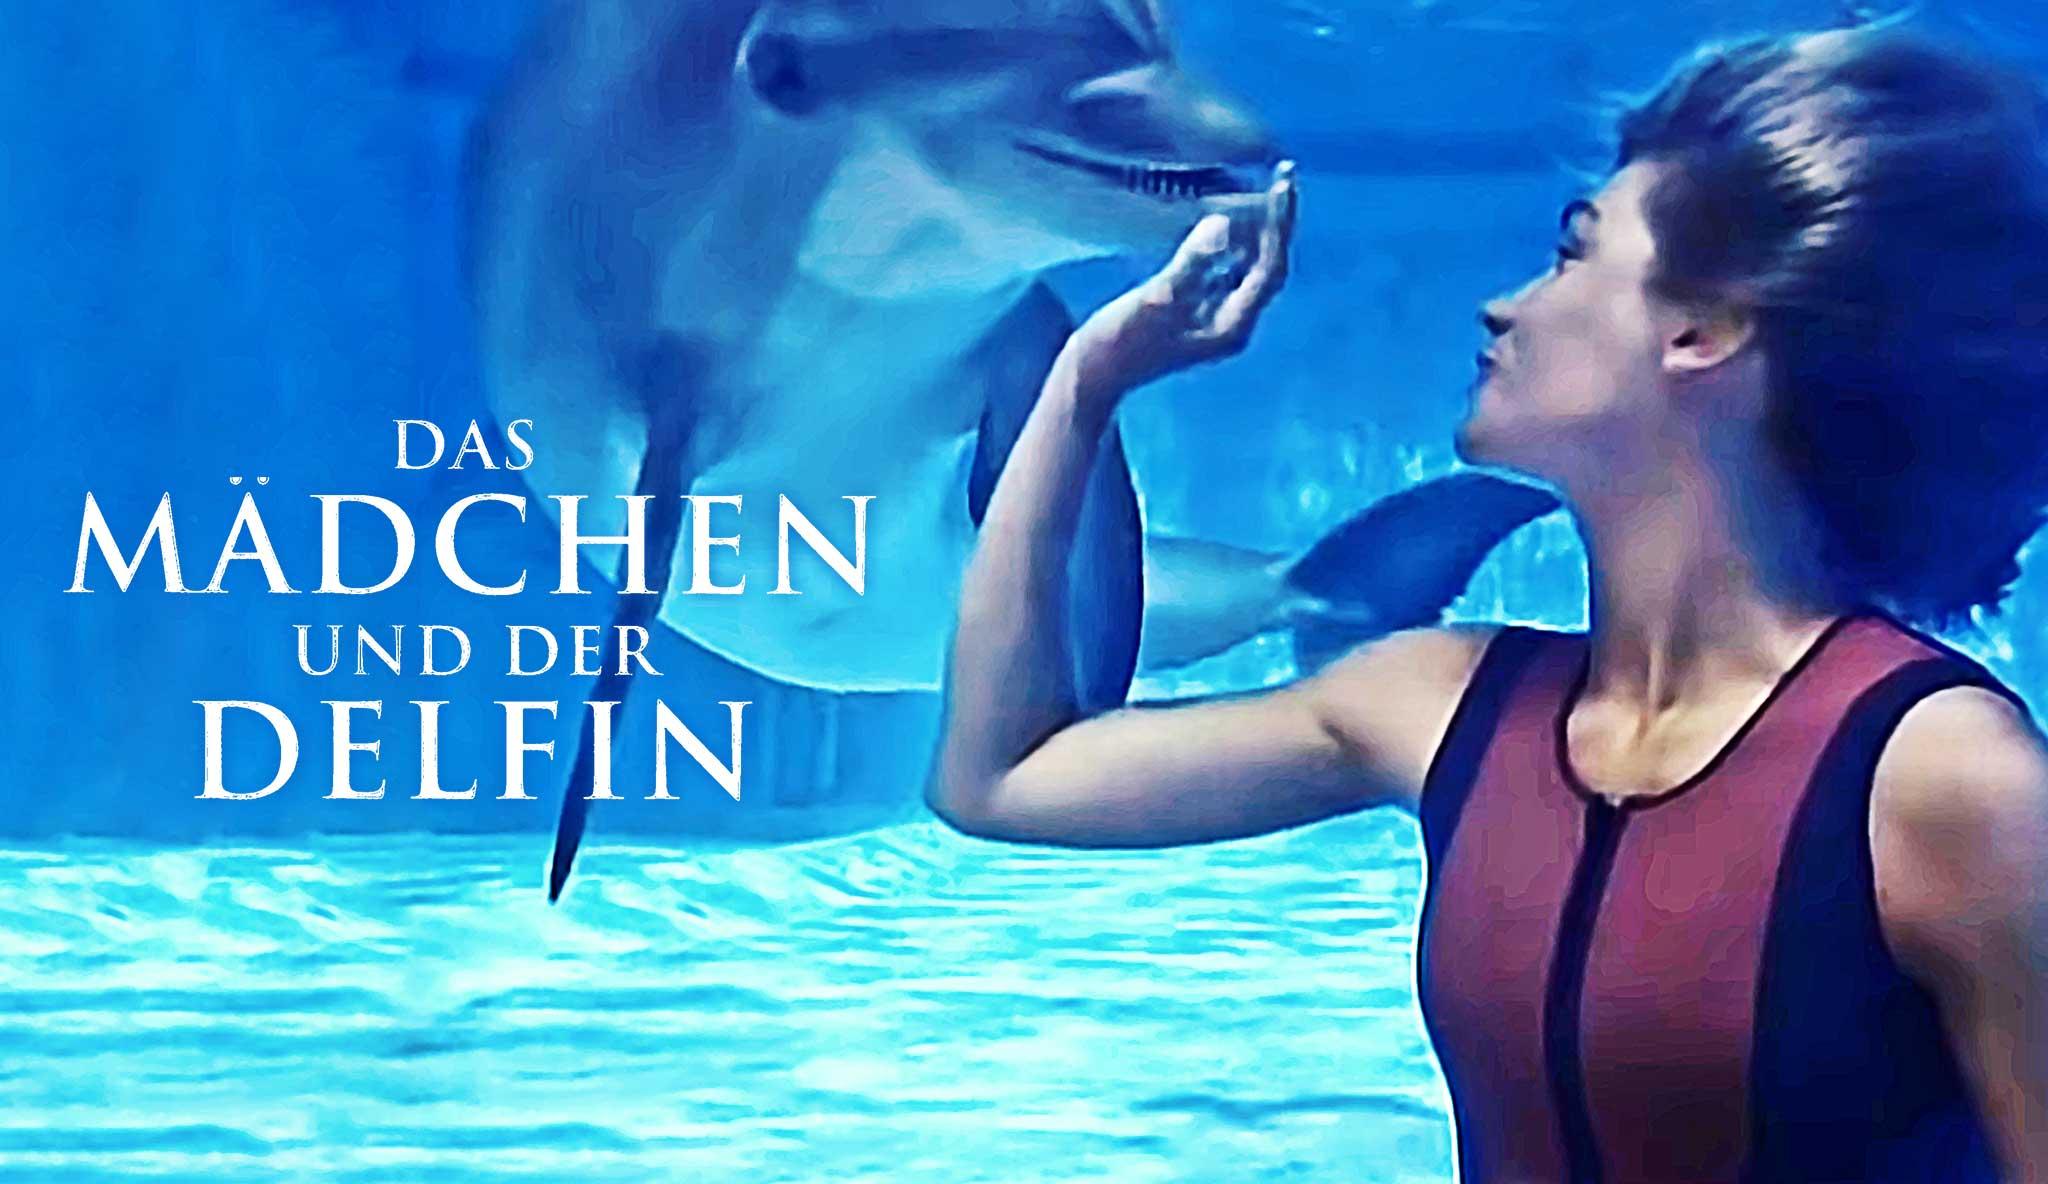 das-madchen-und-der-delphin\header.jpg